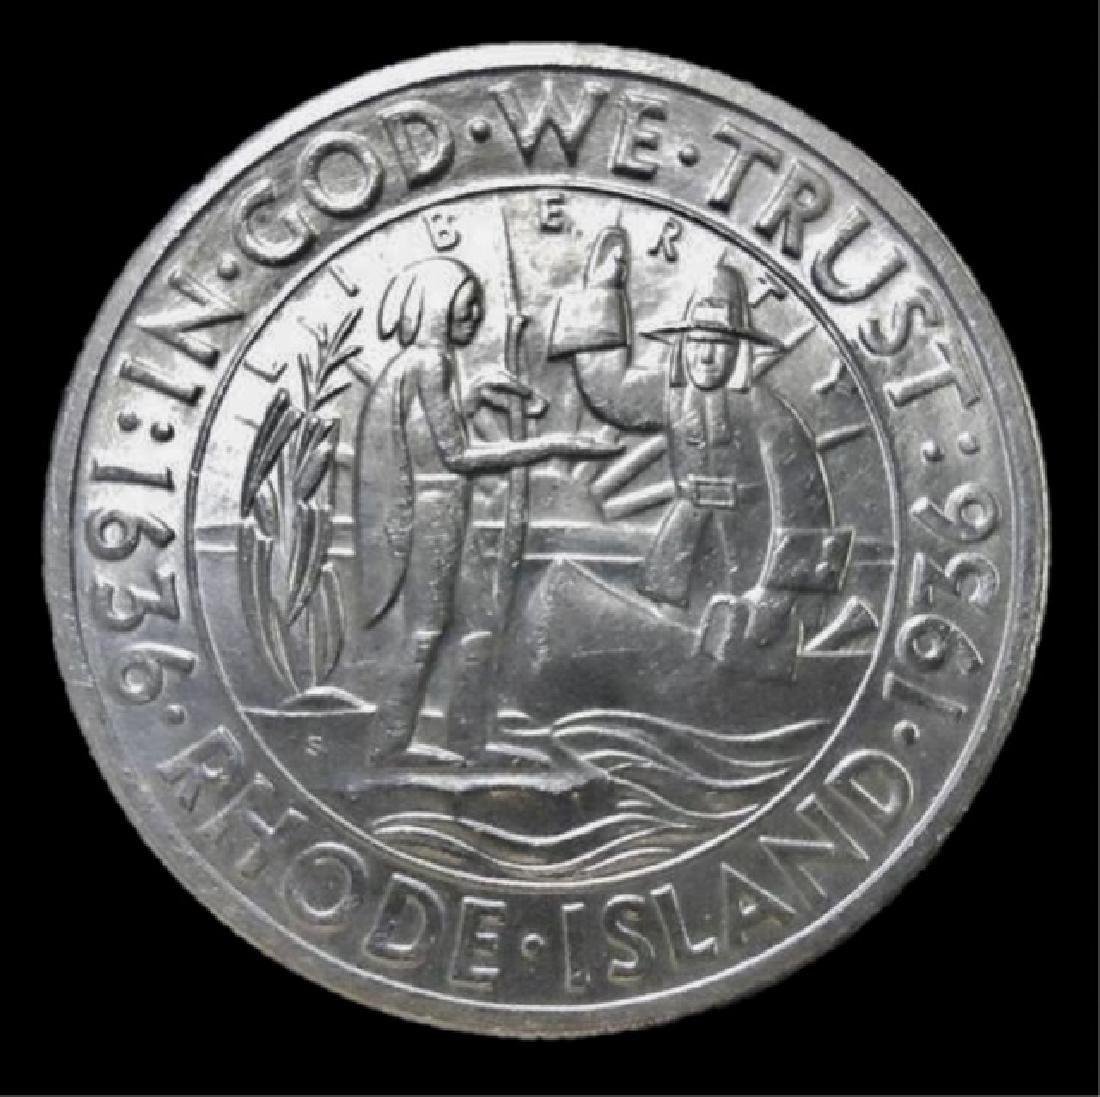 1936-S Rhode Island Commemorative Half Dollar, BU - 2